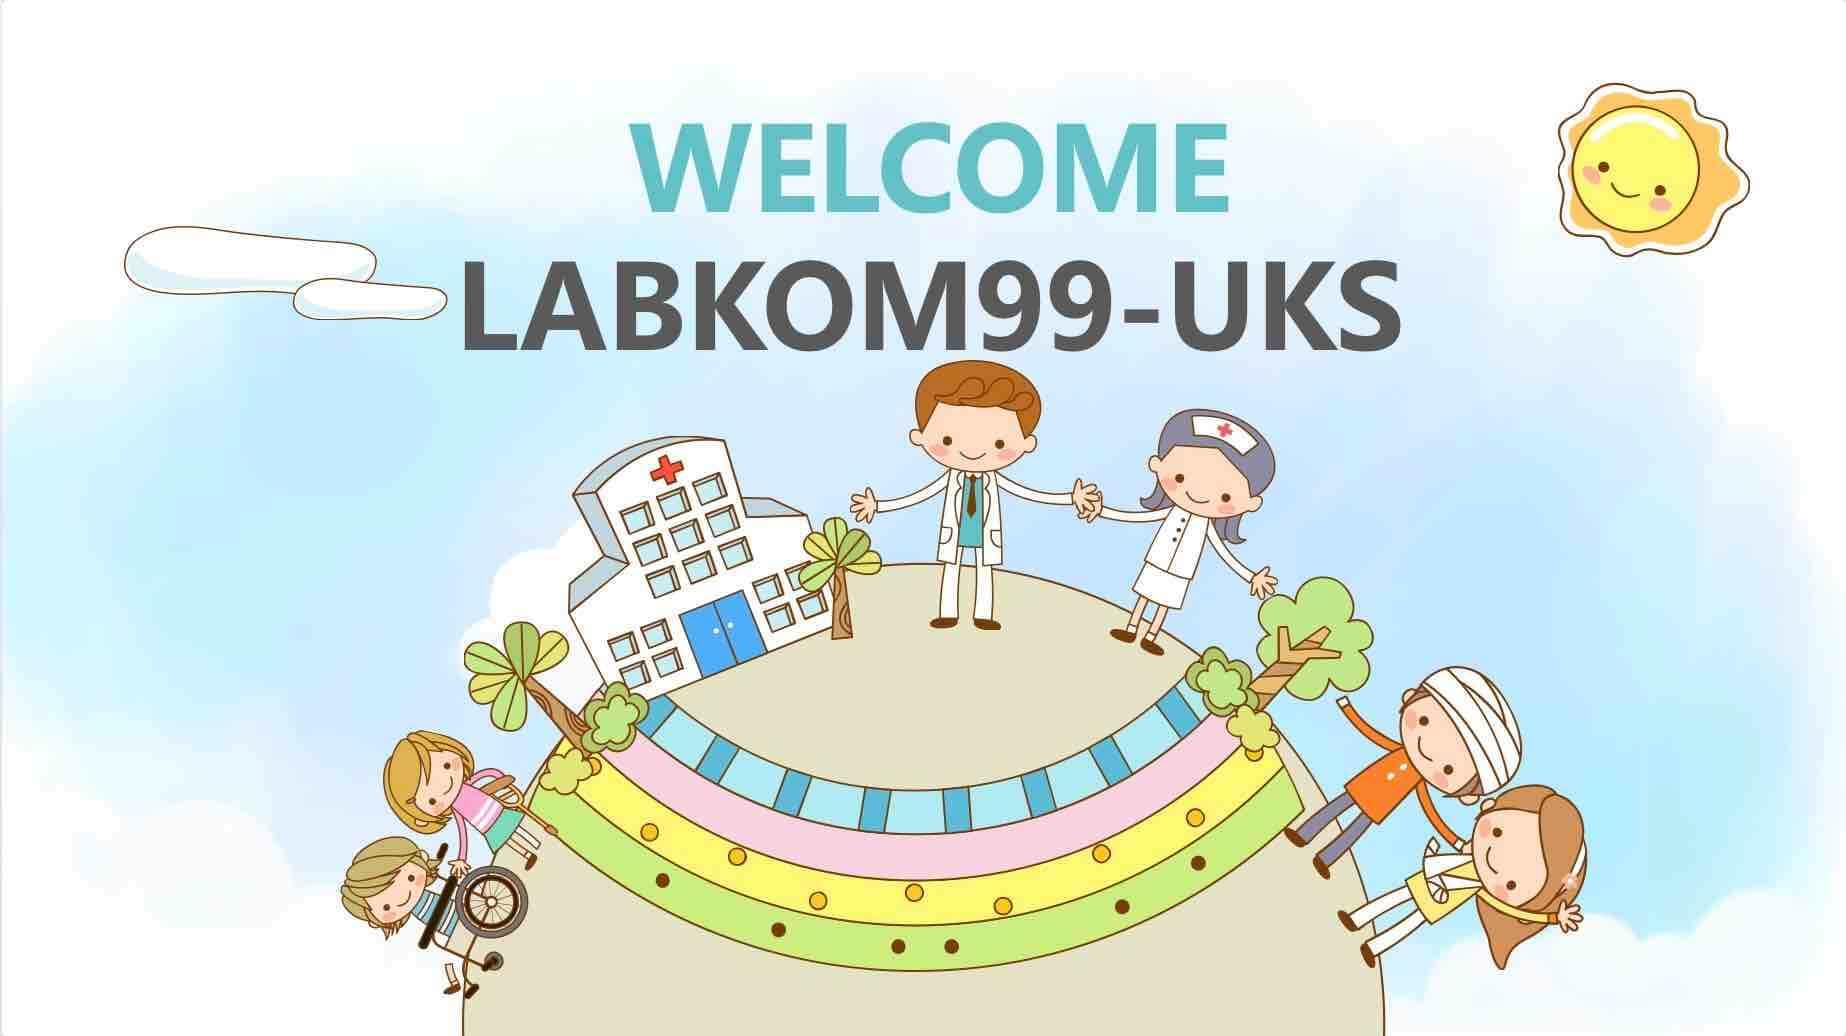 Labkom99-UKS